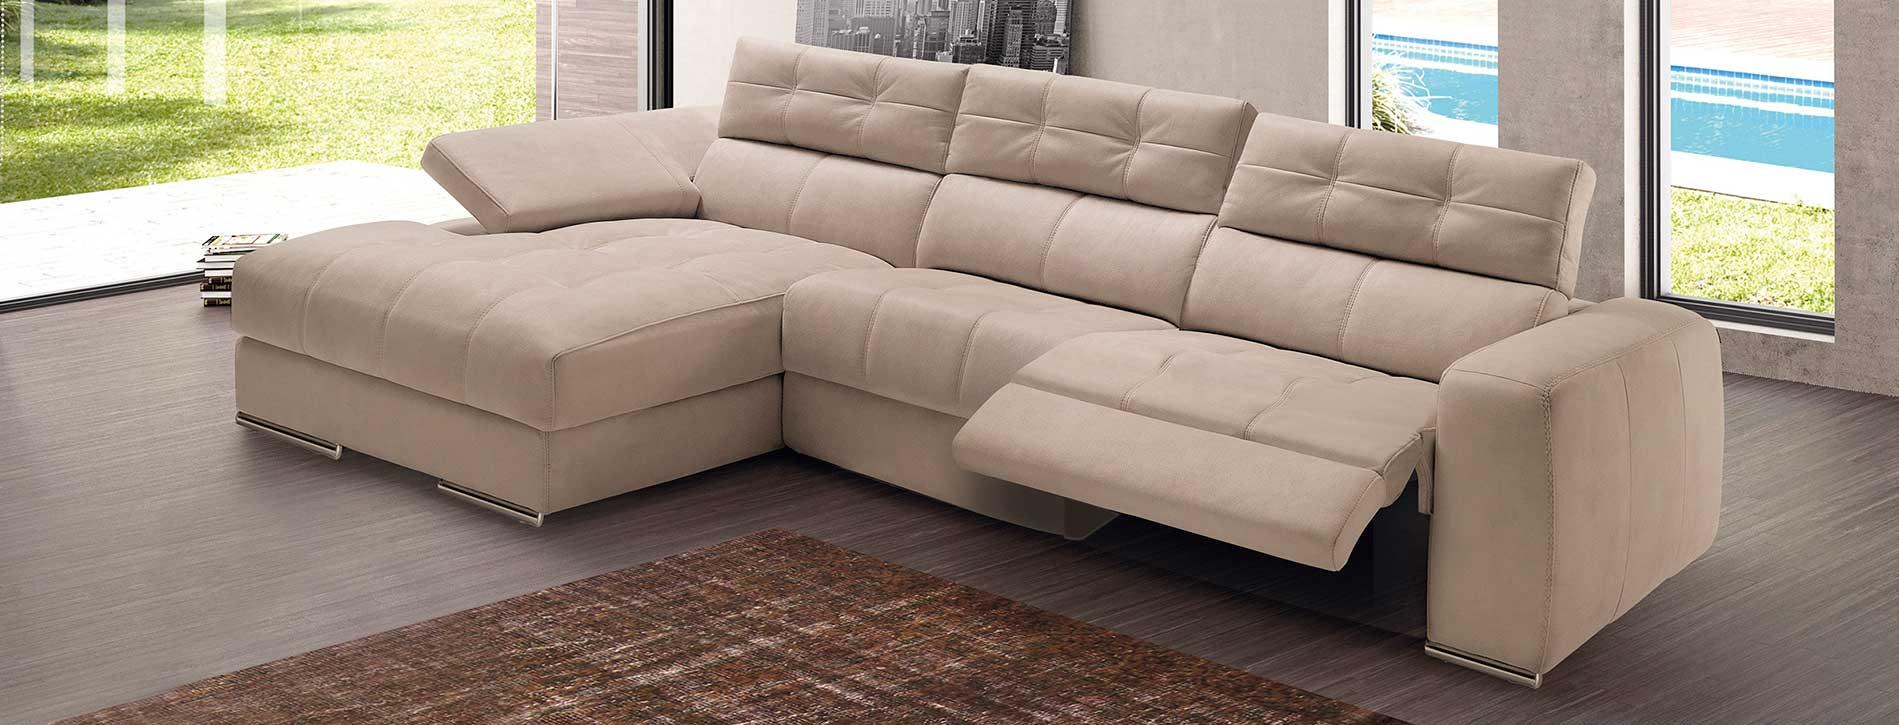 sofas-modernos-General-Divani-muebles-paco-caballero-1824-5cb617a116319